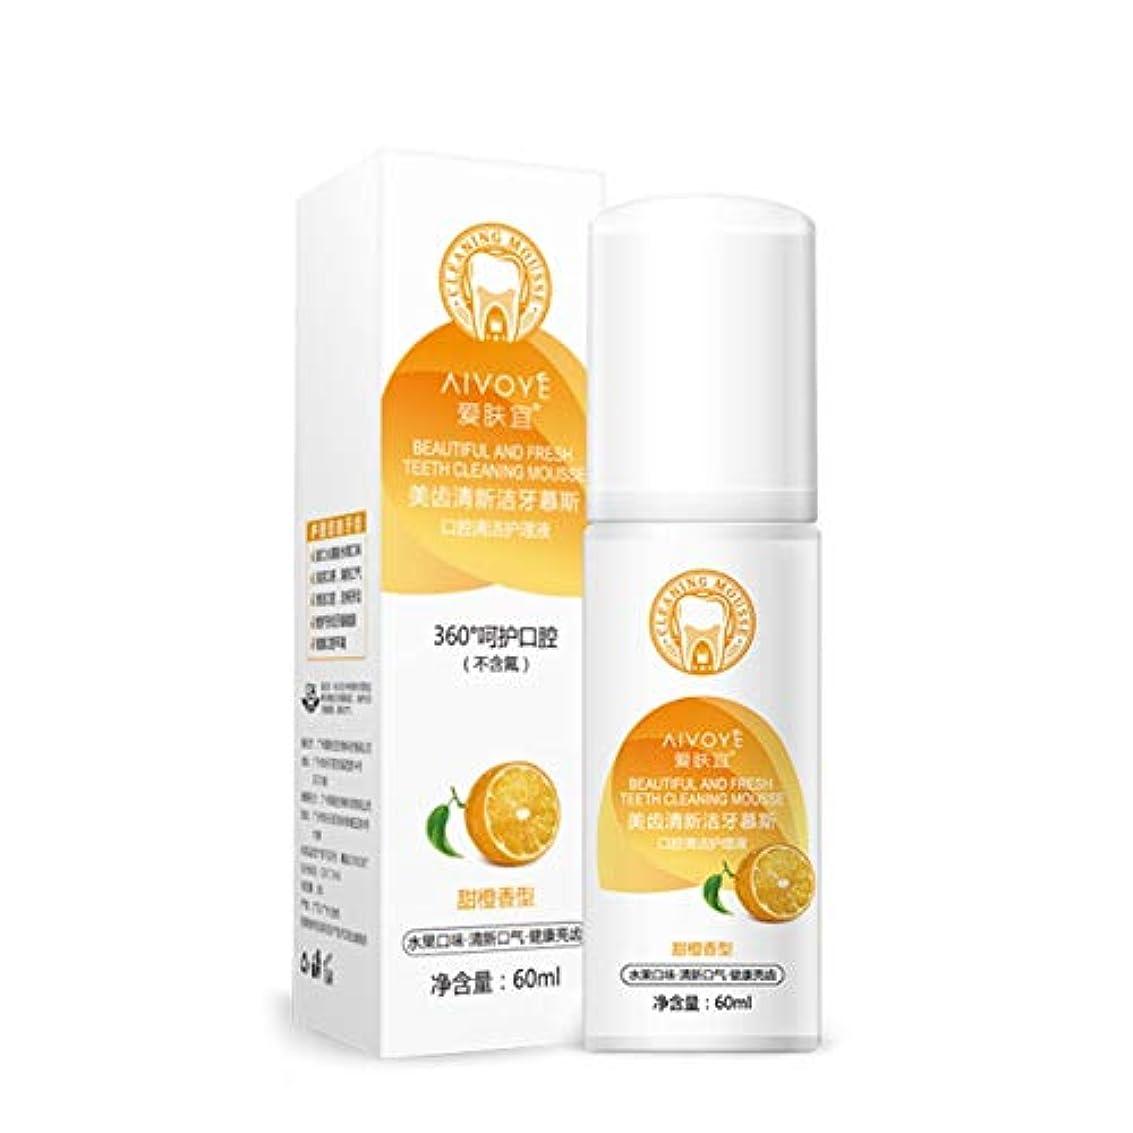 絡み合い収穫胆嚢オレンジハーブミント新鮮な歯磨き粉は歯肉炎歯磨きをきれいにして清潔な歯を磨きます汚れ口臭プラーク - オレンジ